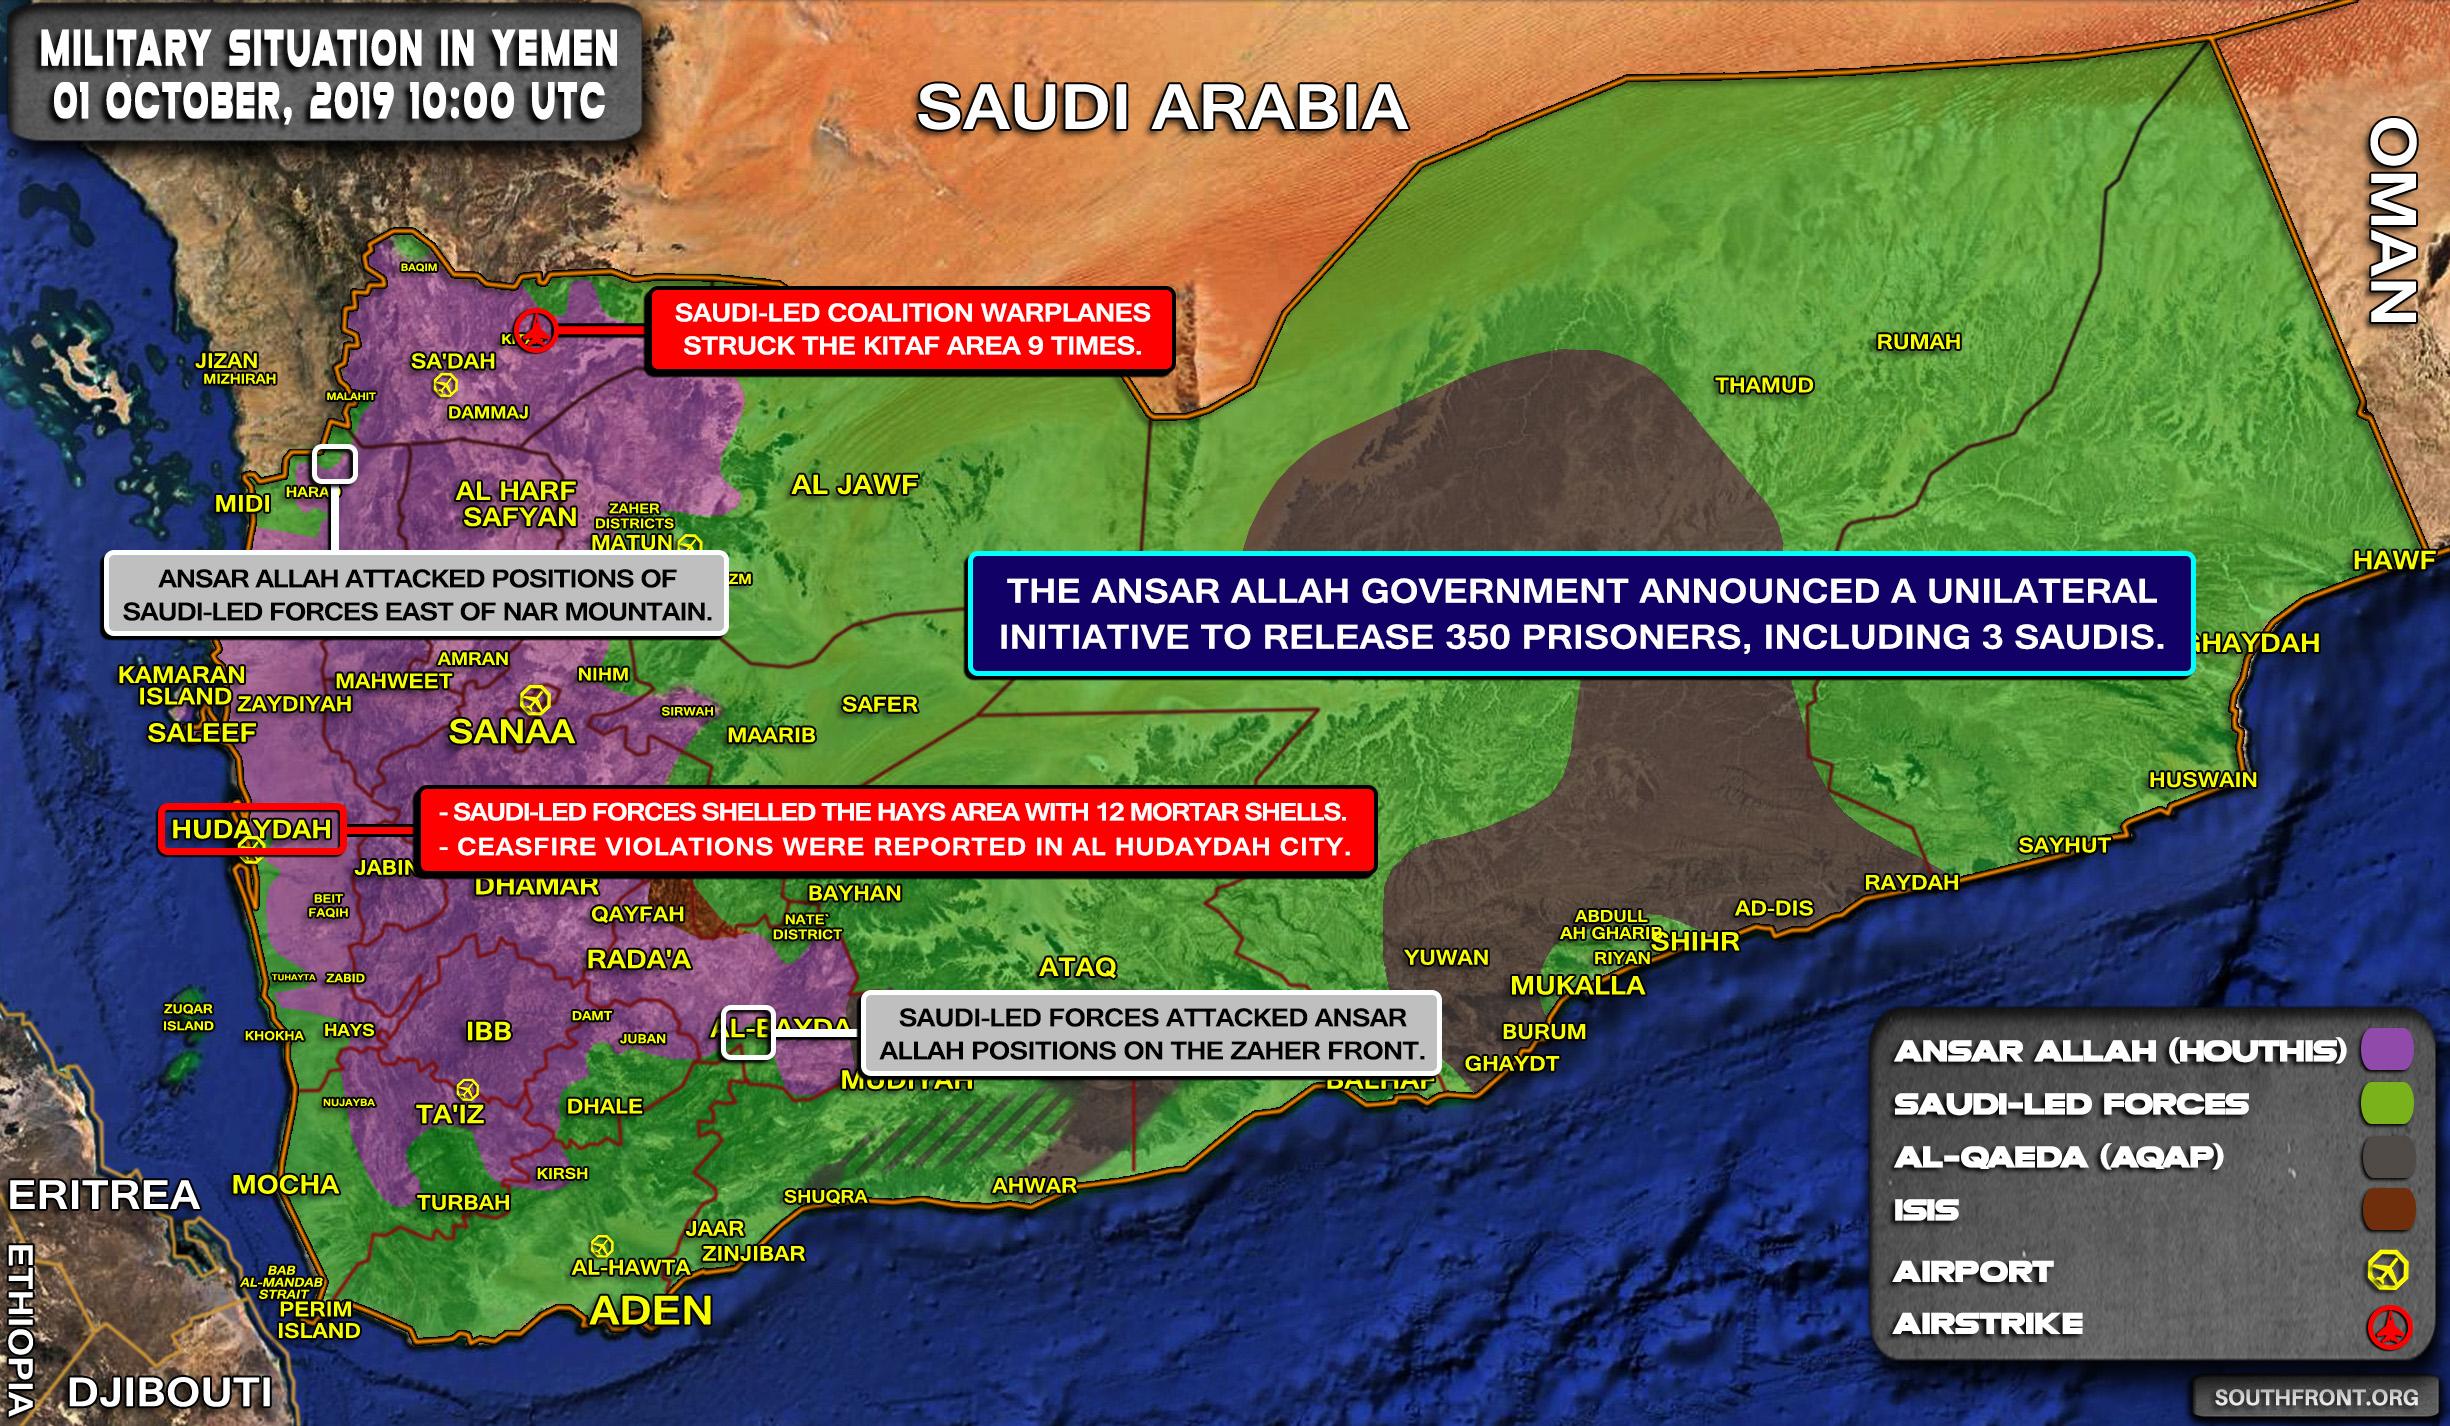 Chiến đấu cơ Saudi xuất kích ồ ạt trả đũa Houthi bắt sống 2000 binh sĩ - Chảo lửa Yemen nóng hầm hập - Ảnh 1.